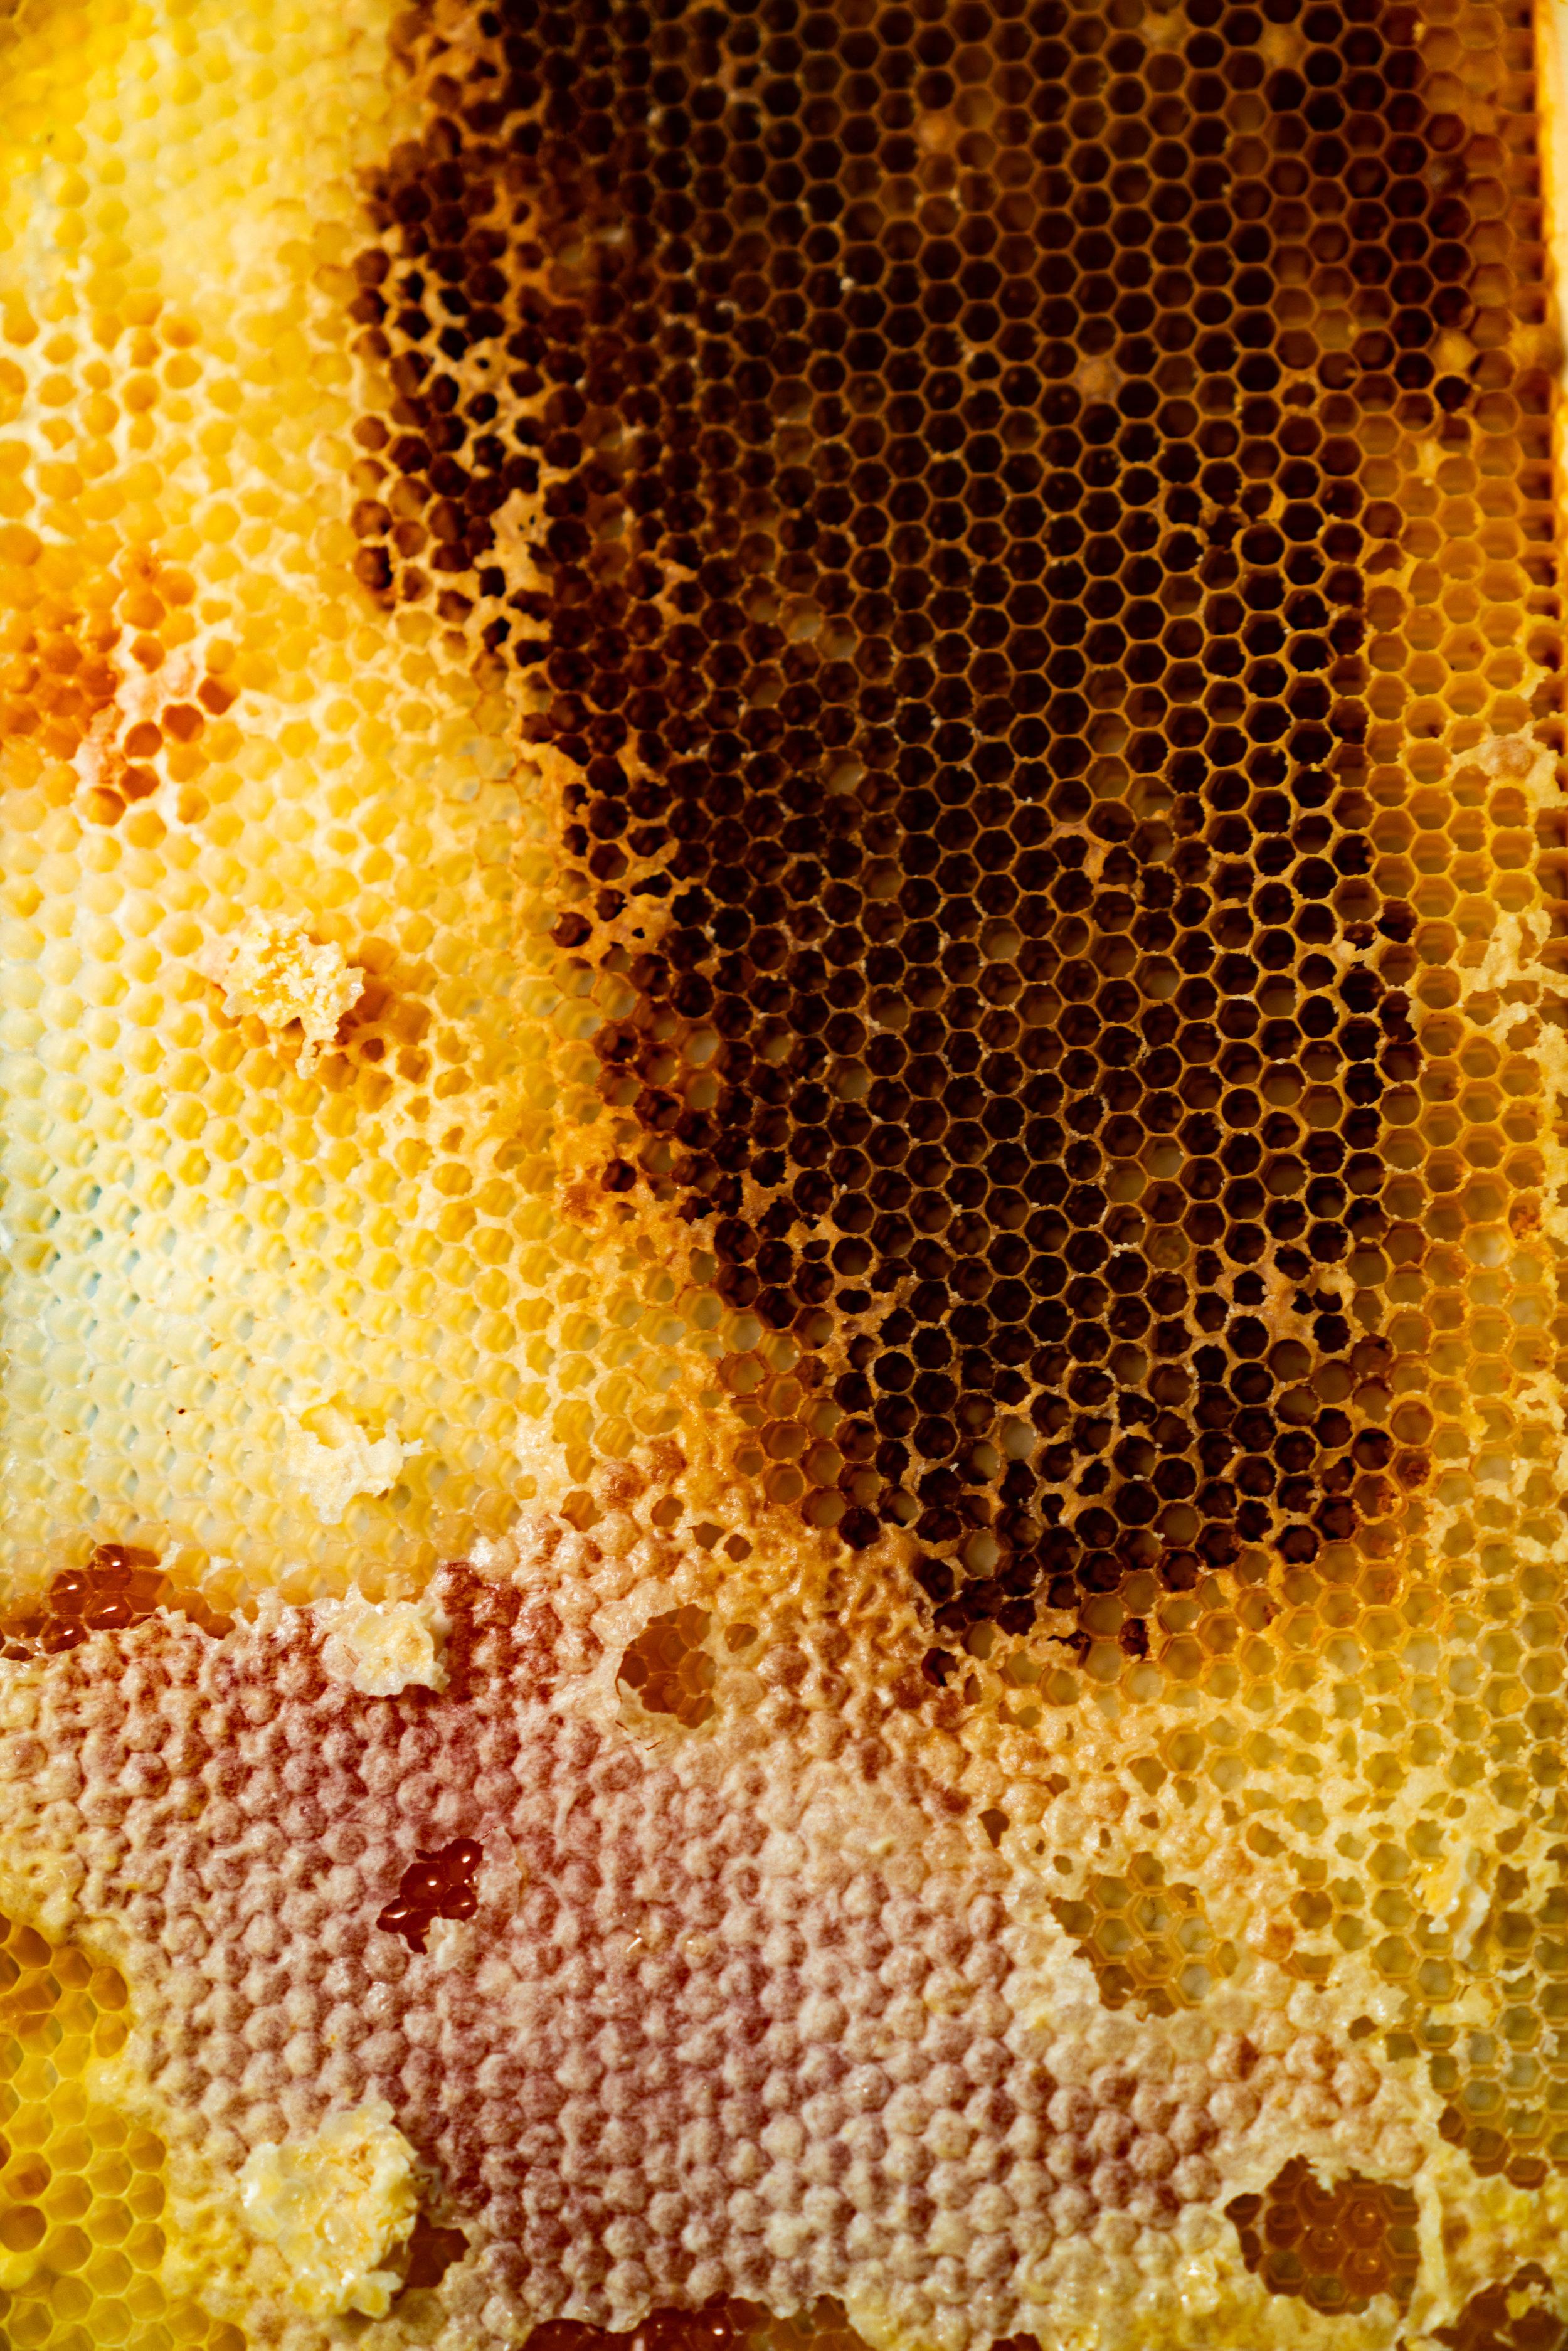 BeeKeeper_George-10.jpg